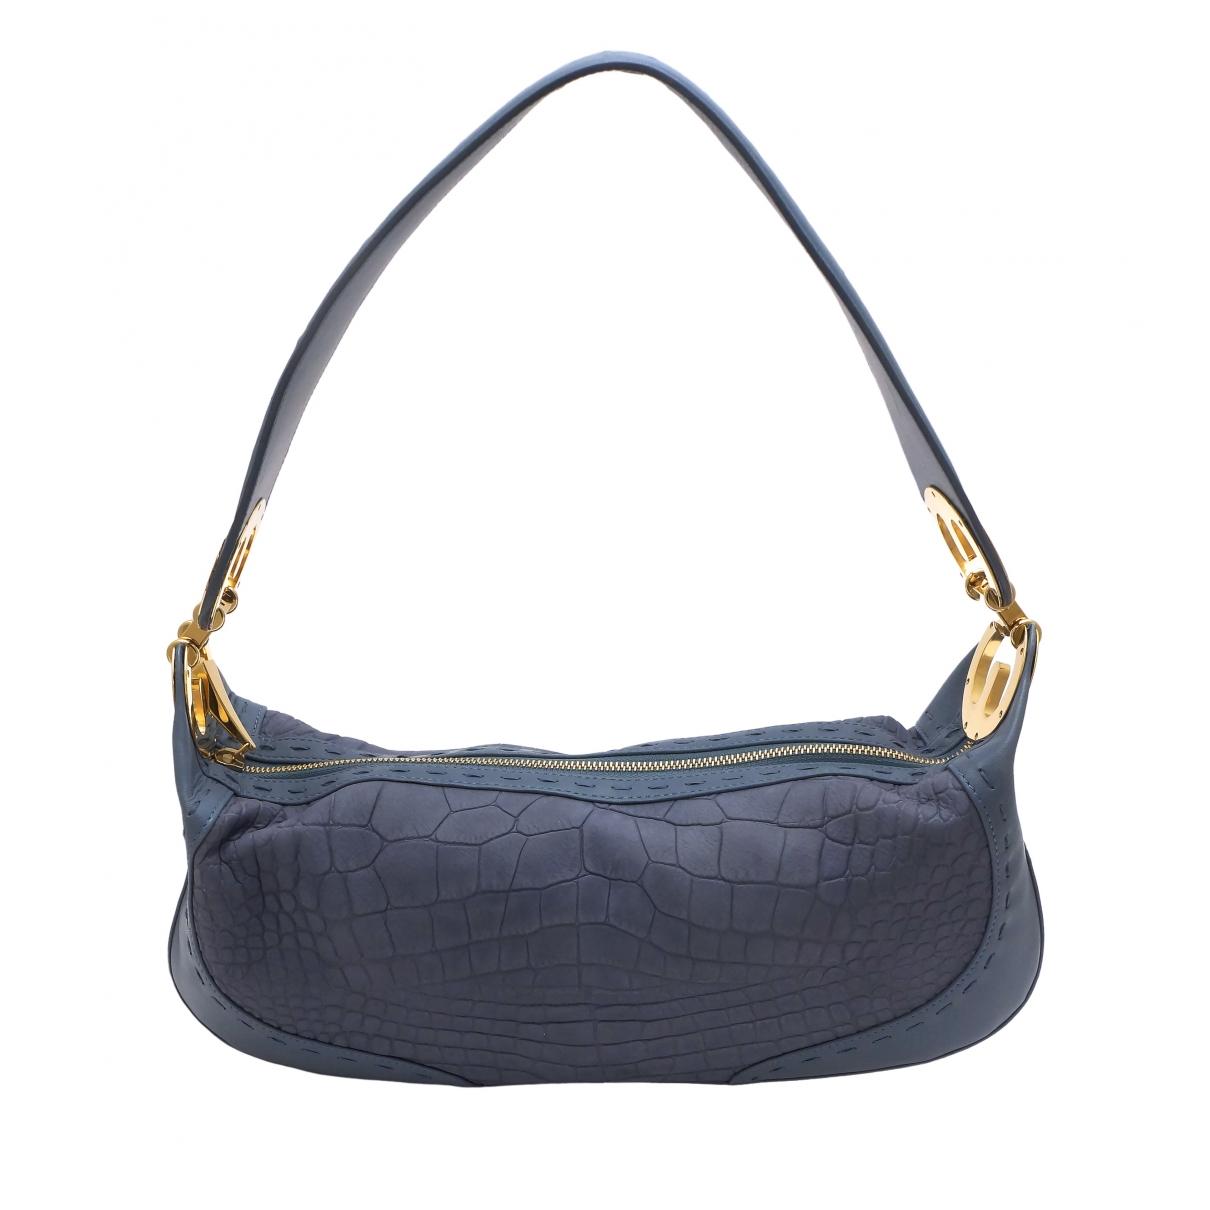 Escada \N Blue Leather handbag for Women \N